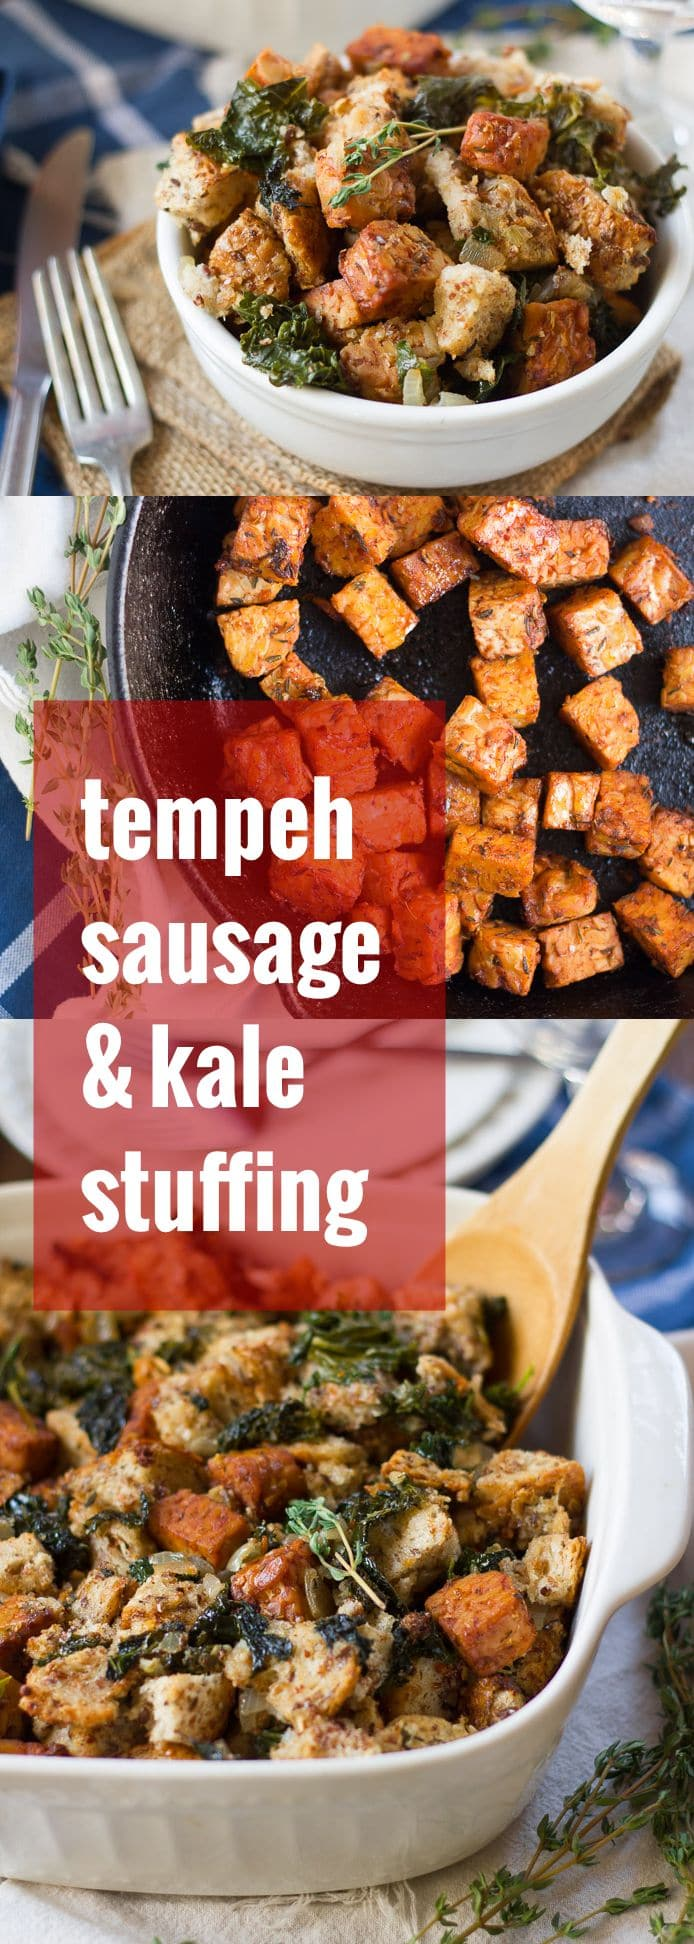 Tempeh Sausage & Kale Stuffing